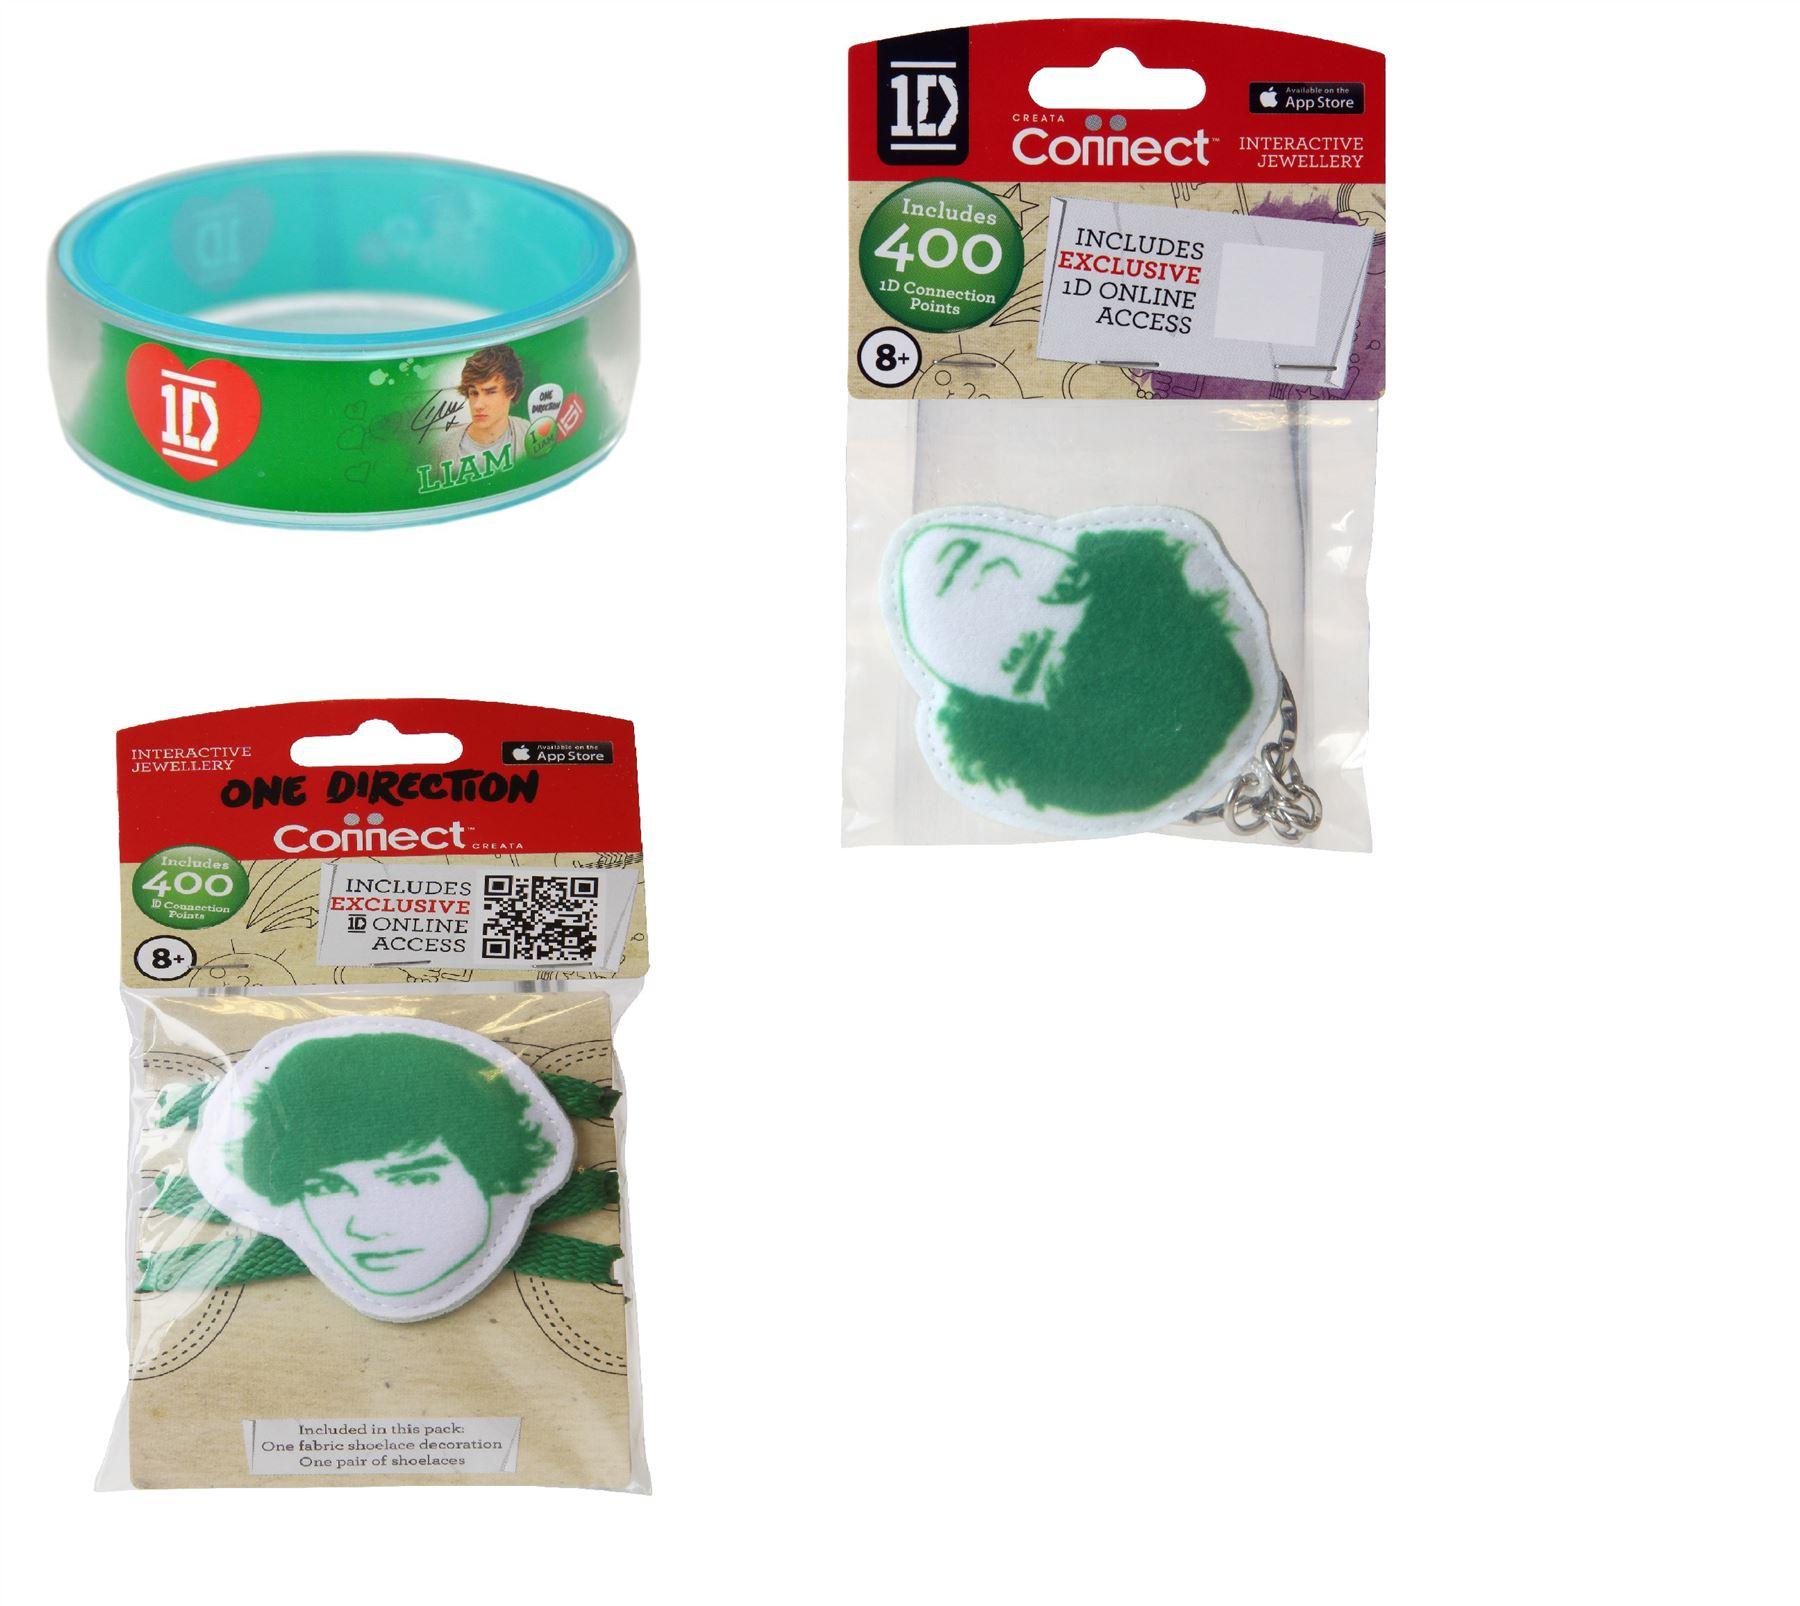 One Direction Liam Bundle, 1 Bangle, 1 Keyring & 1 Shoelace 3 Item Bundle